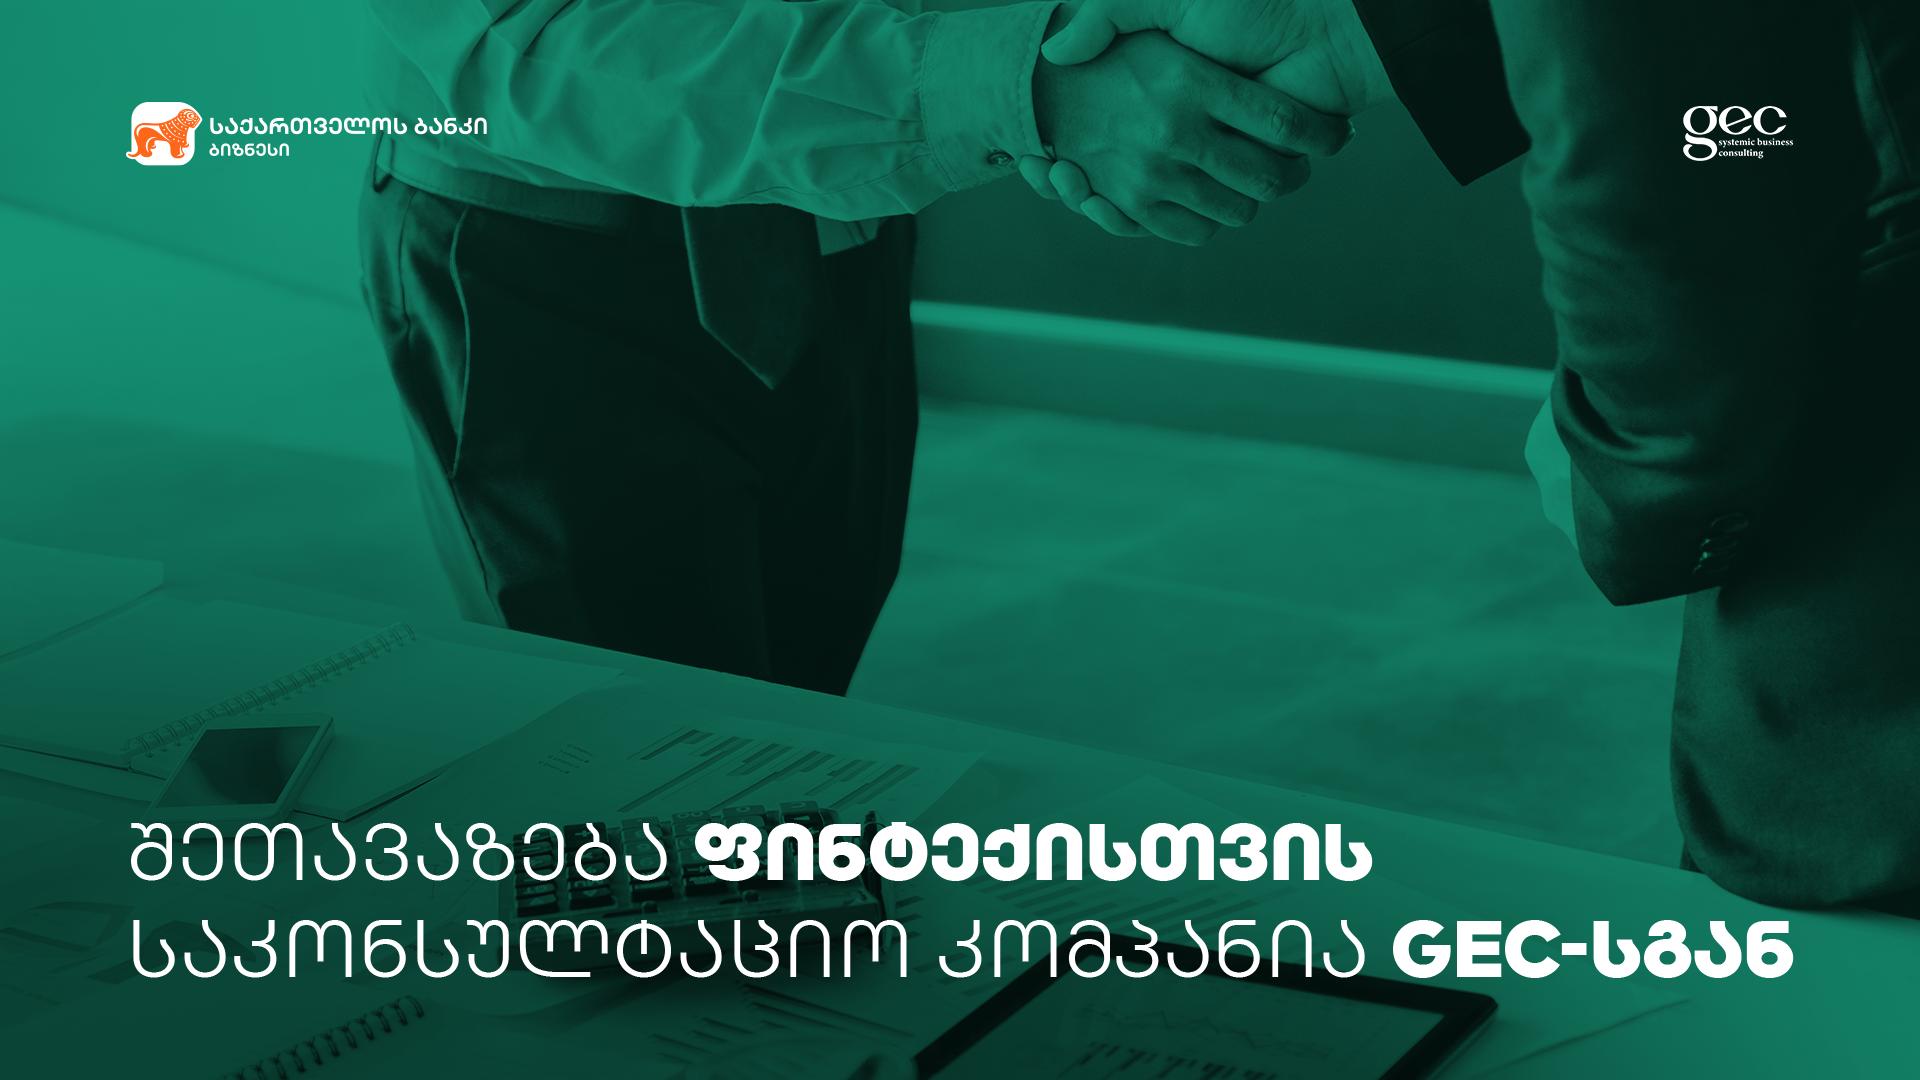 საქართველოს ბანკისა და GEC-ის სპეციალური შეთავაზება ფინტექ კომპანიებს